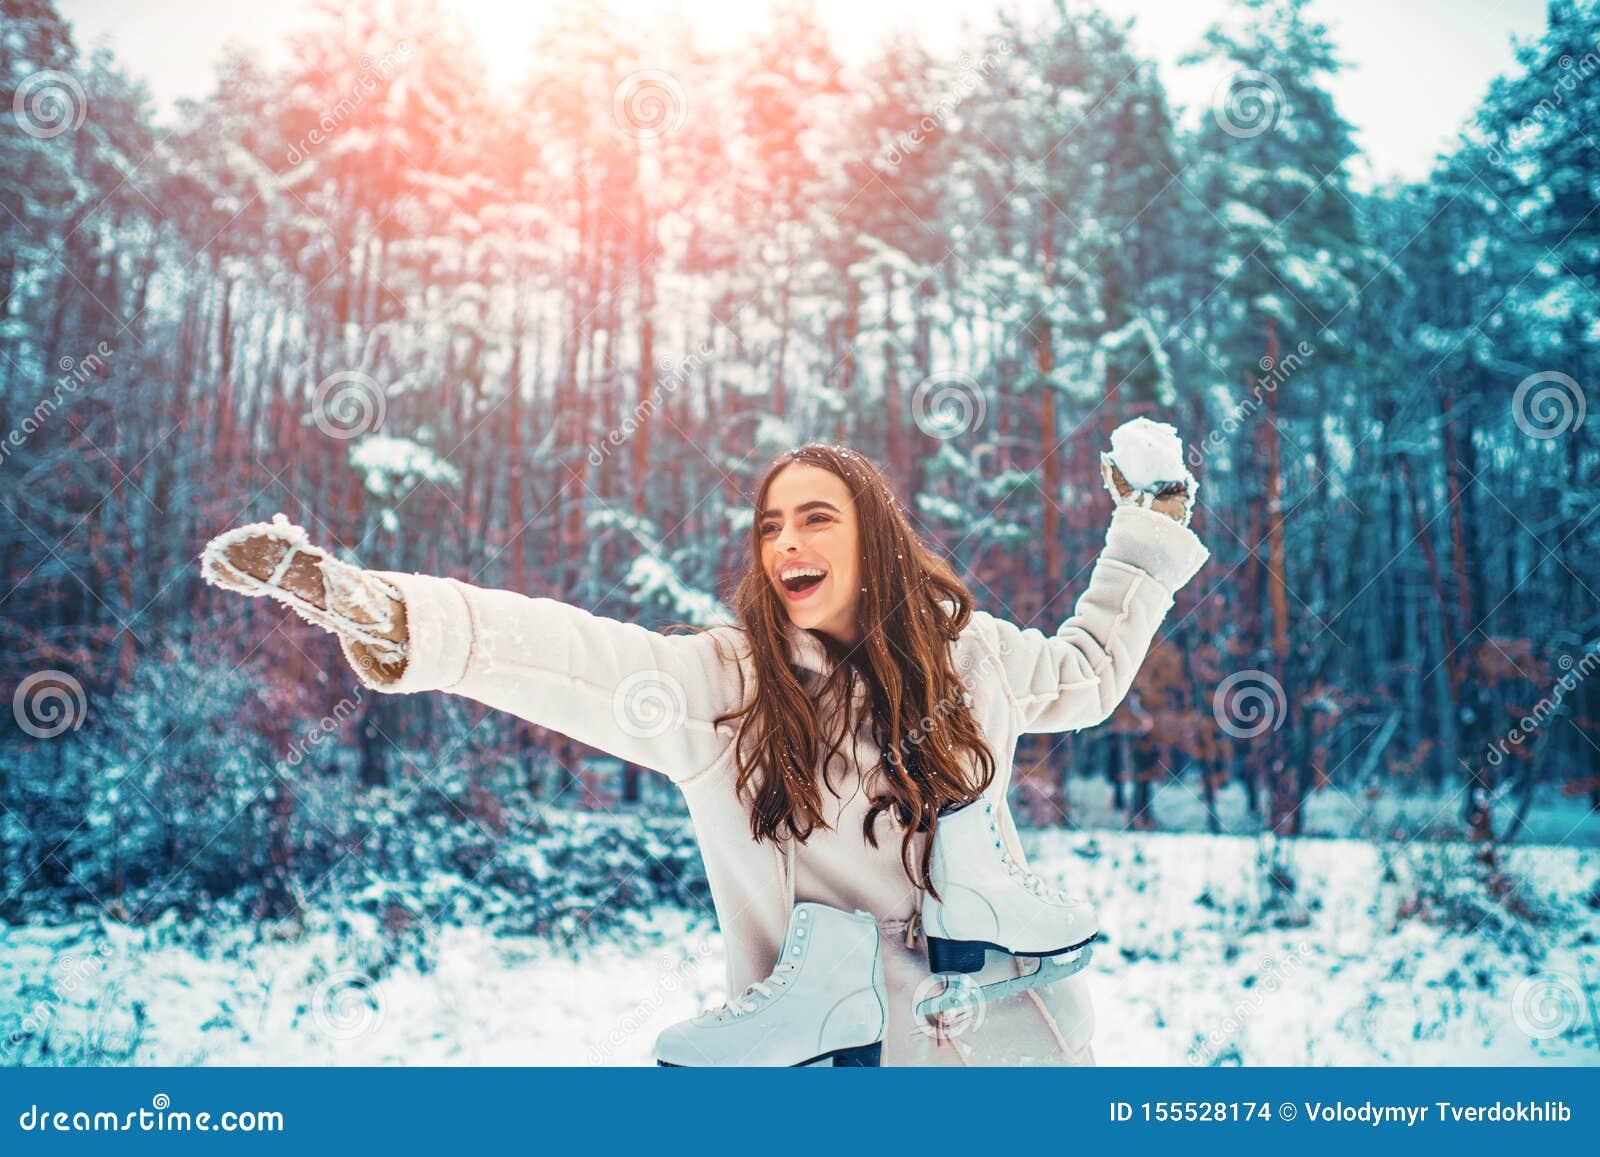 De vrouw van de winter Openluchtportret van jong mooi meisje met lang haar